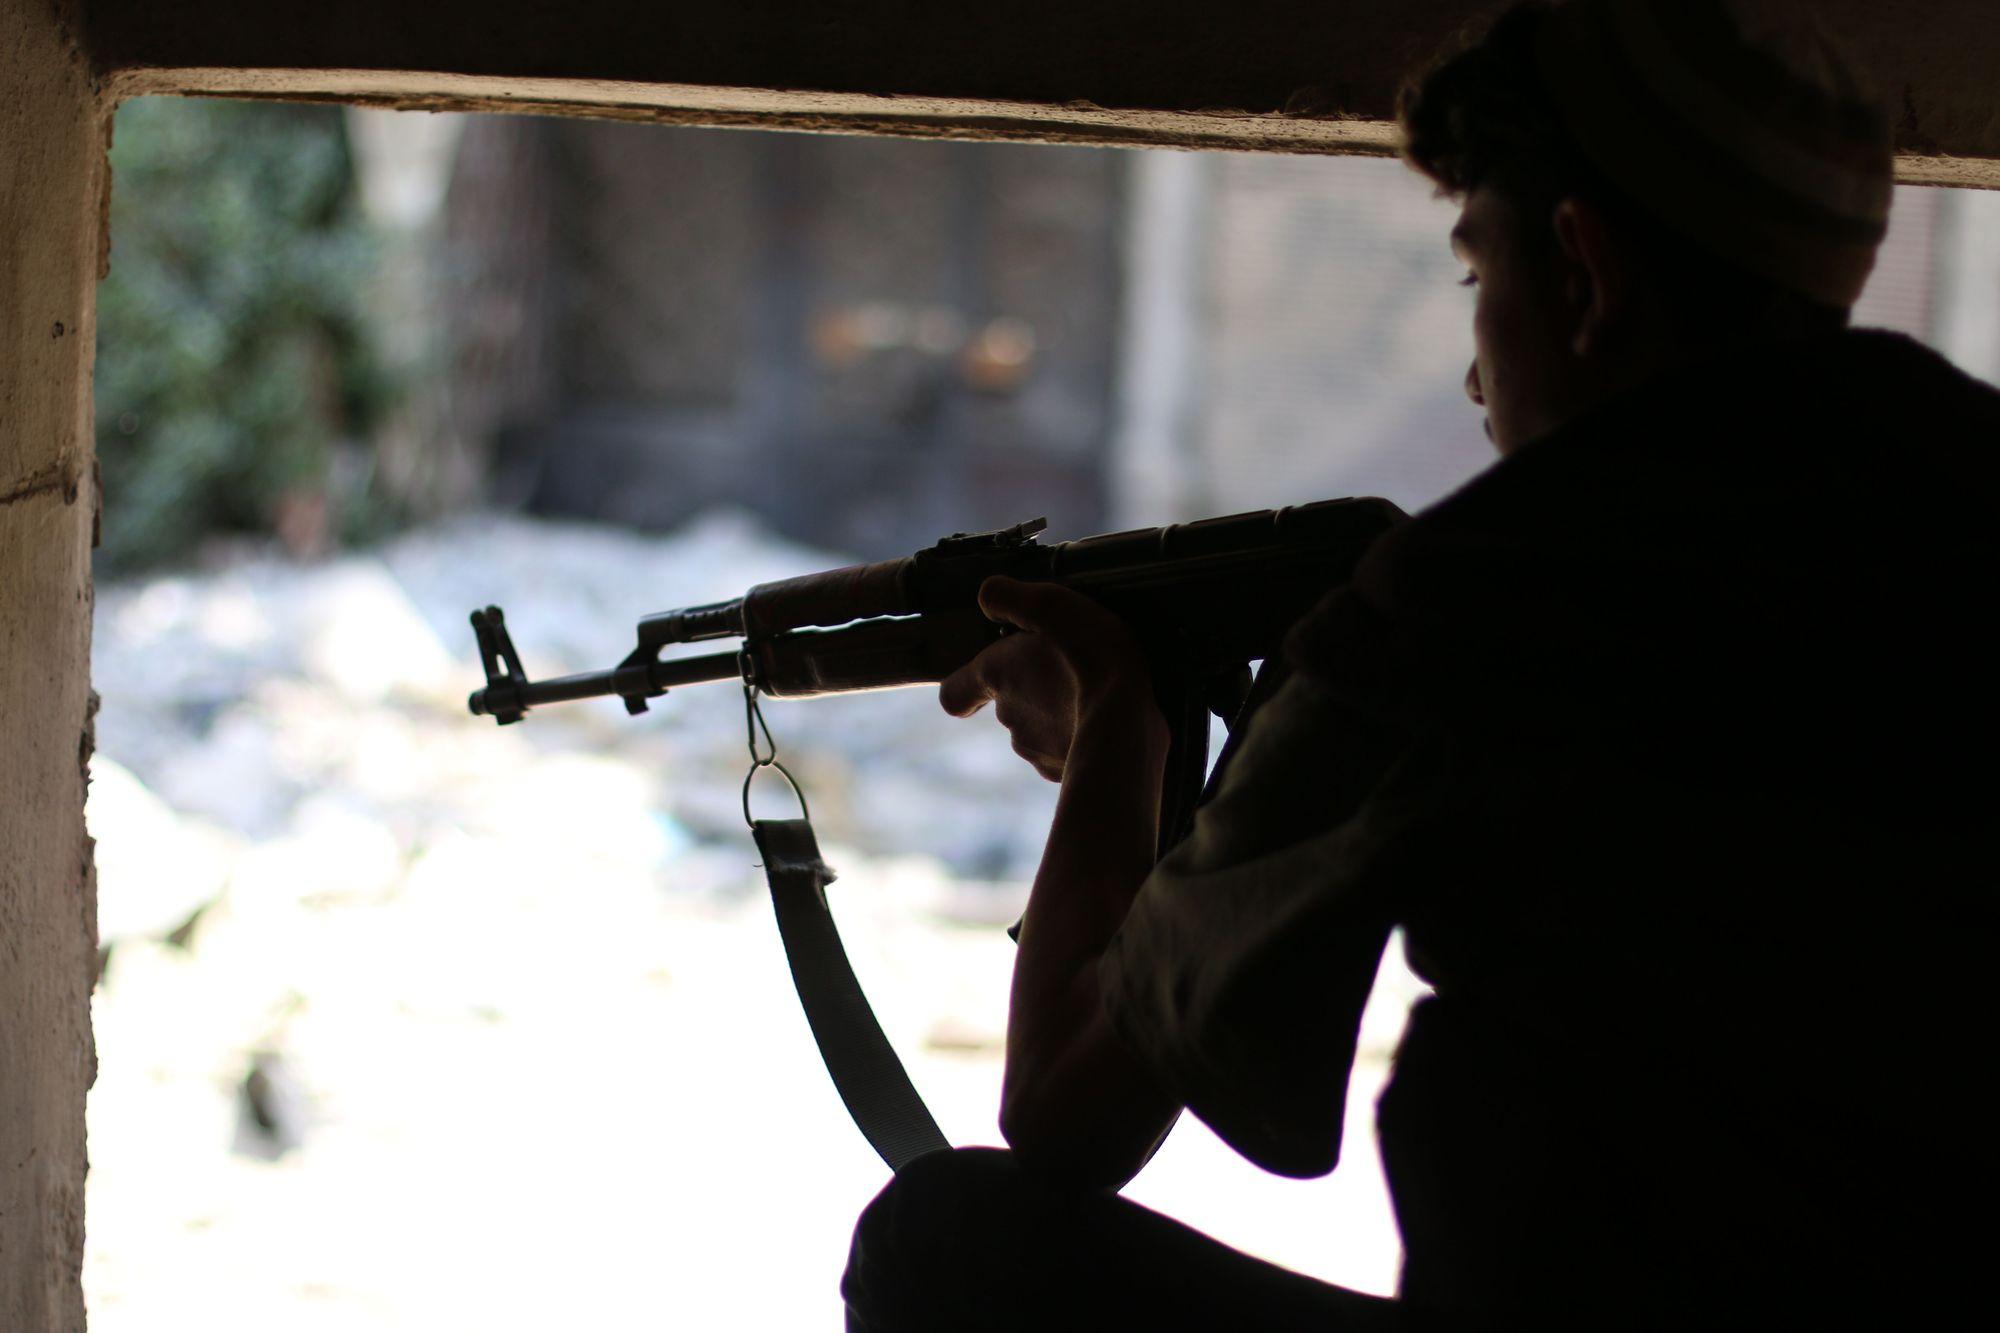 Syrie. Violents combats à Damas avant les négociations de paix